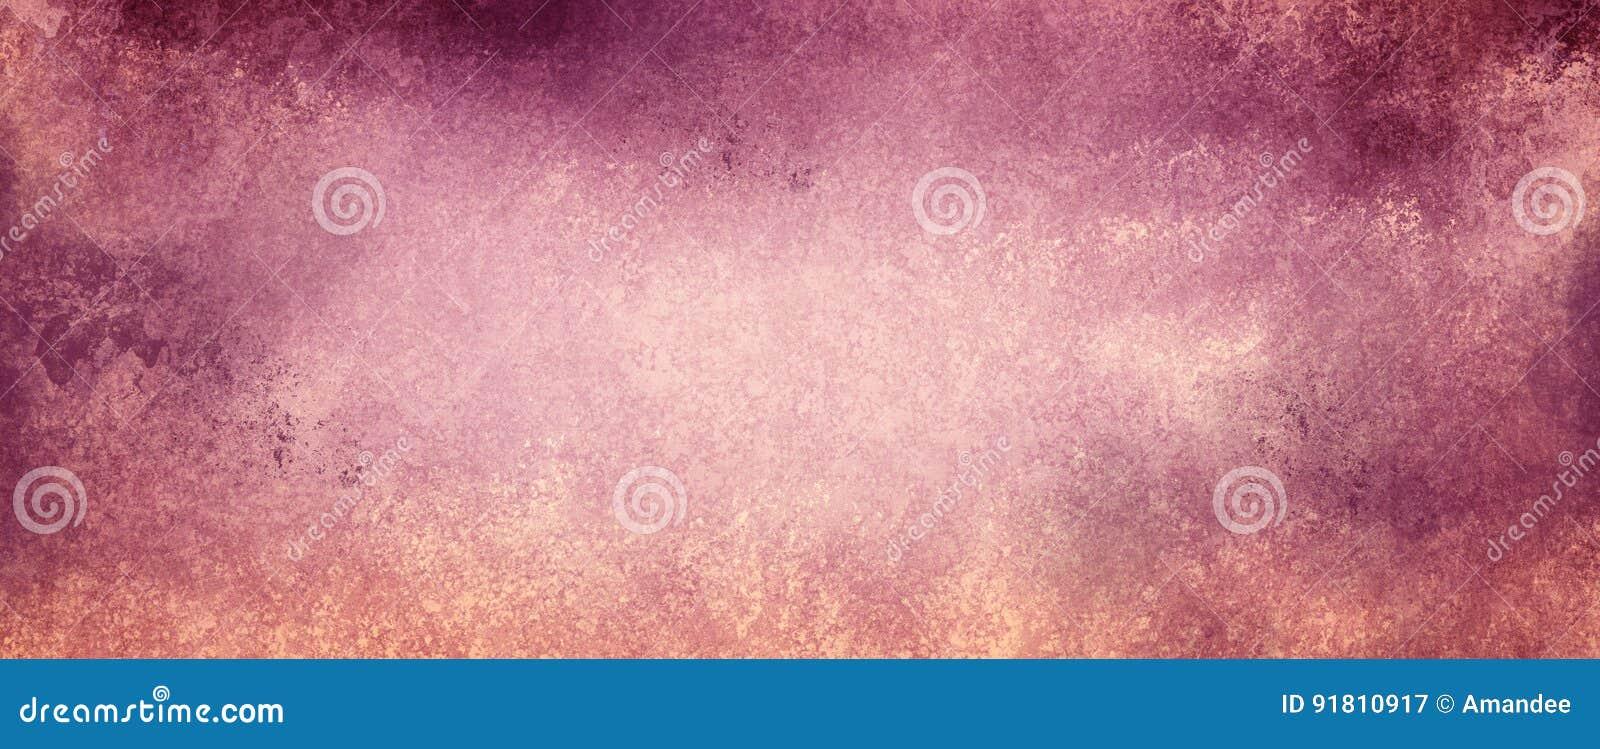 Purpurroter und rosa Hintergrund der Weinlese auf verblaßtem beige Papier mit Schmutz maserte Grenzen mit Schalenfarbe